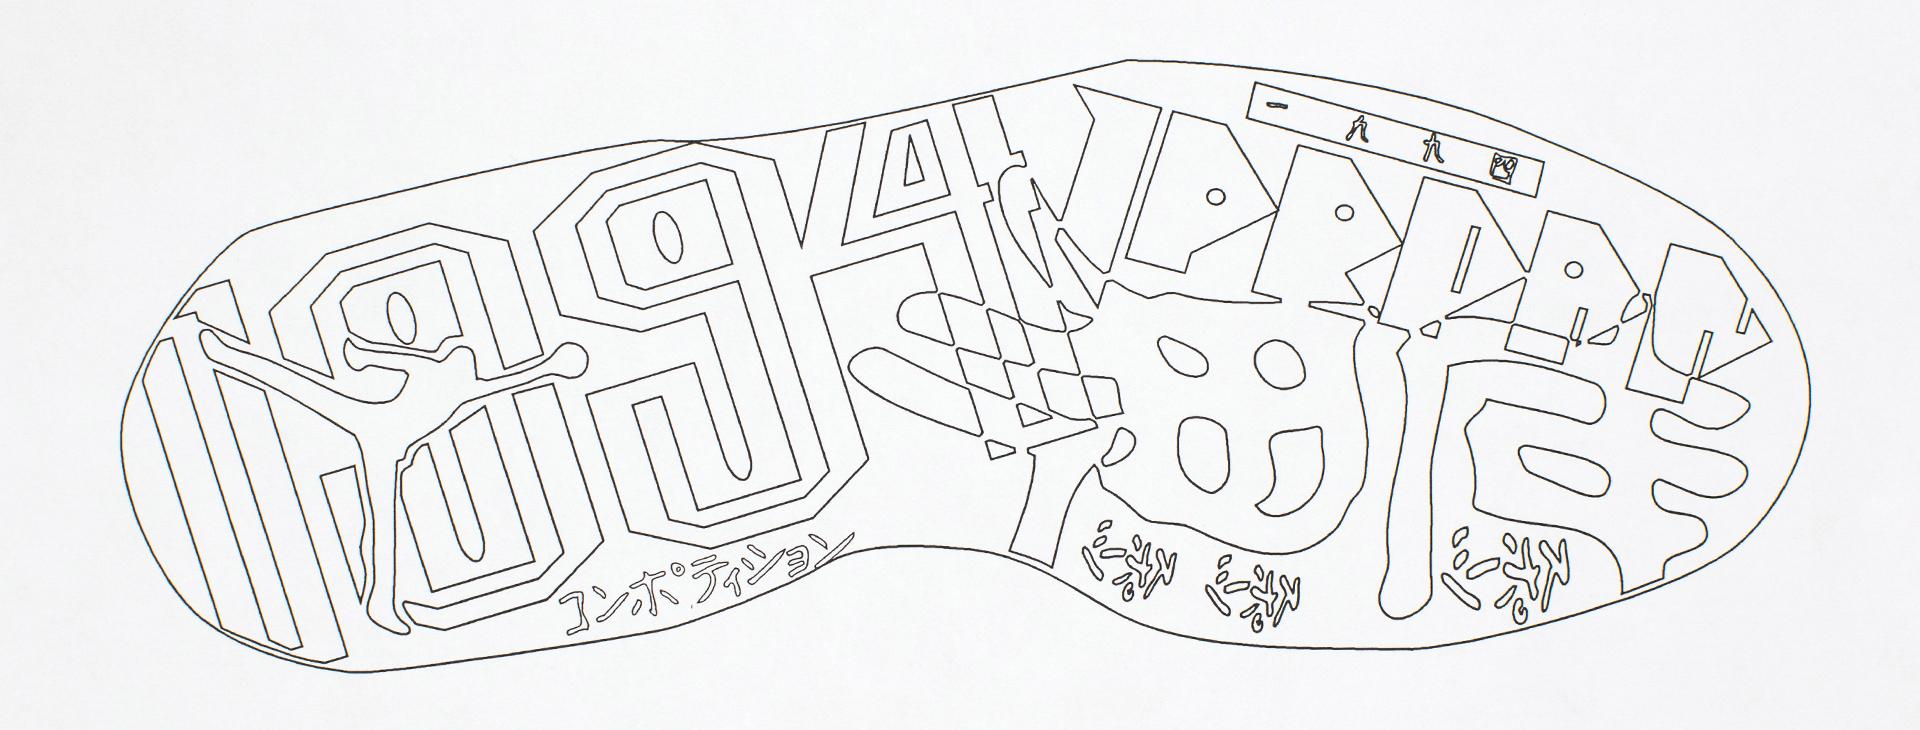 Air Jordan 9 Design Sketch 2